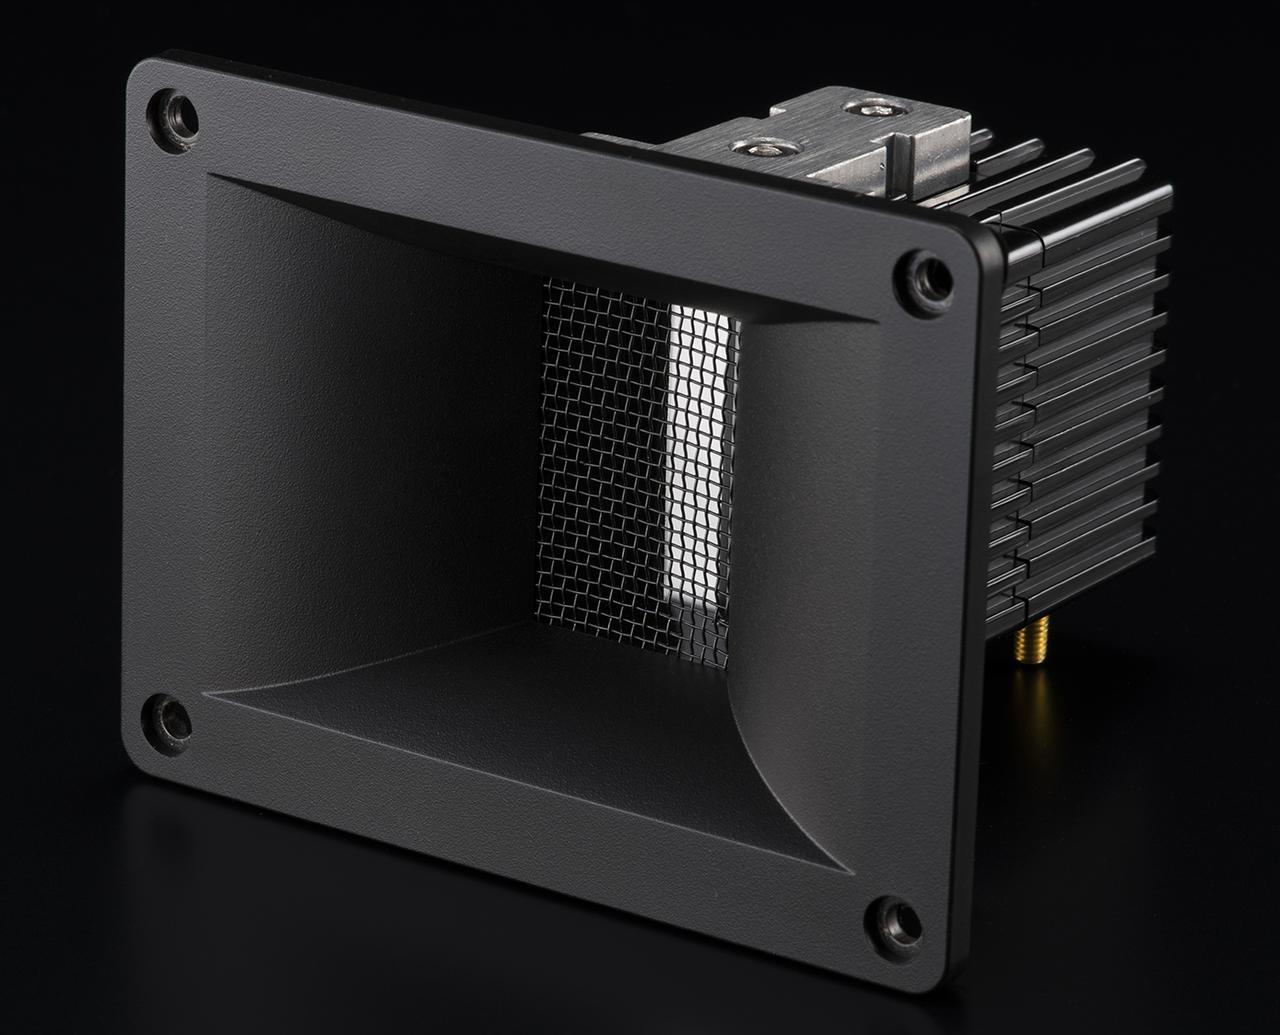 画像: エアパルススピーカーの特徴のひとつが、オリジナルのリボントゥイーター。アルミニウム製リボン振動板を強力なネオジム磁石で駆動。リボン前面のホーンでロード(負荷)をかけて、指向性を精密に制御している。クリアーで歪み感の少ない高域再現の源だ